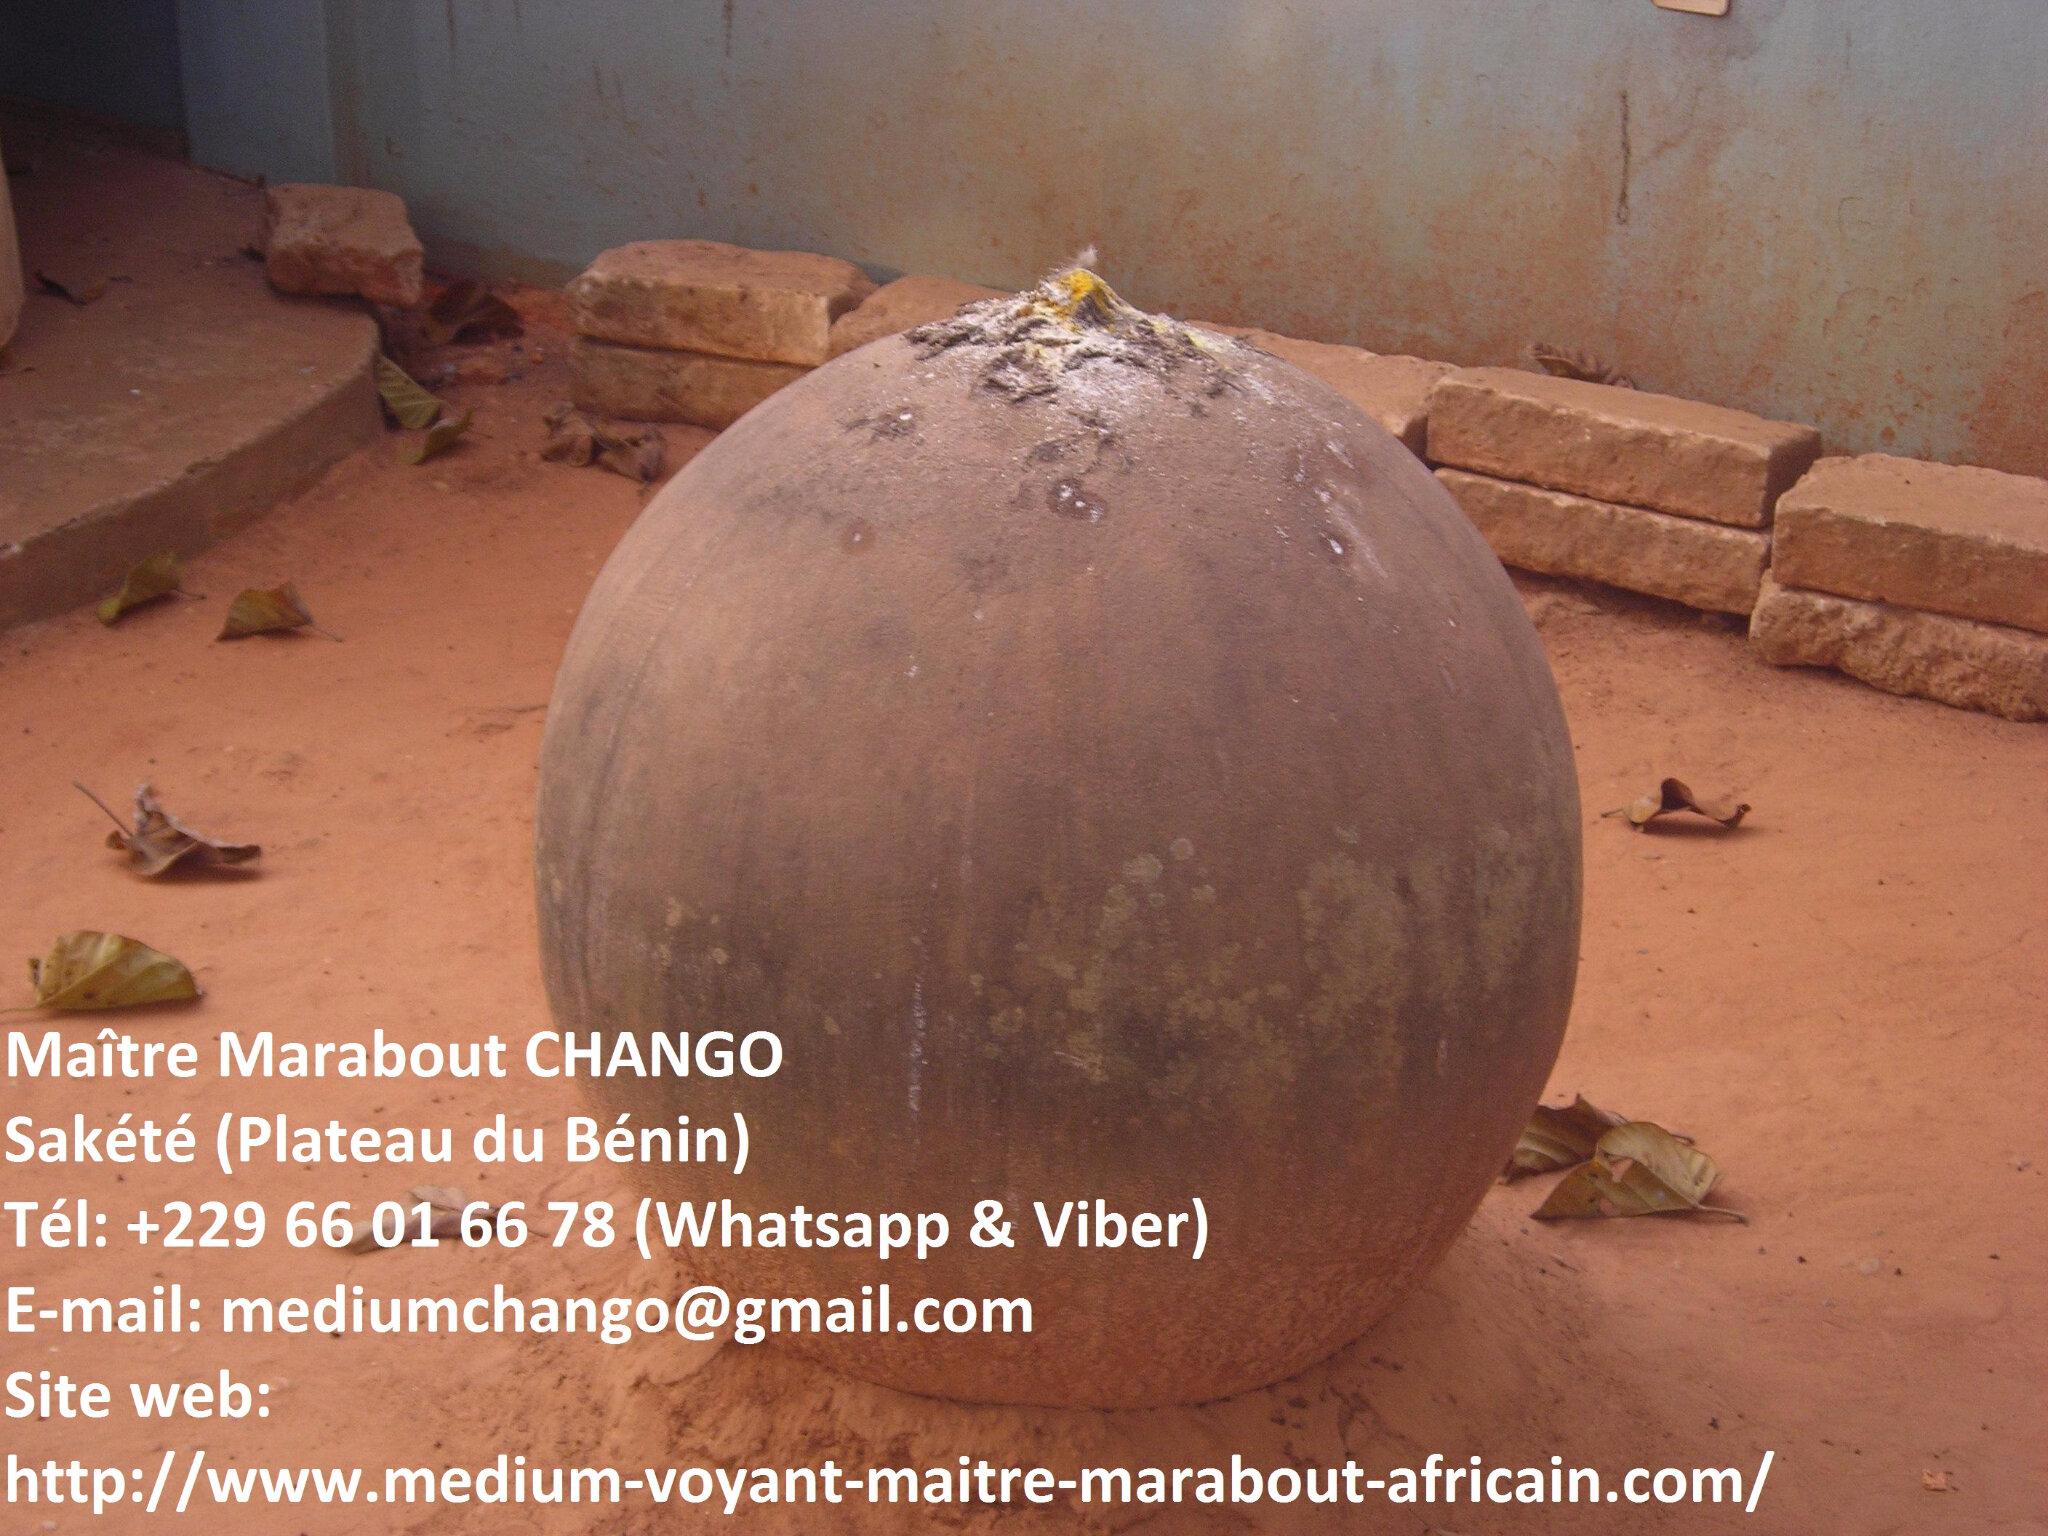 CANARI ATOUMGBLE (POUR AVOIR LA FORCE MYSTIQUE) DU MAITRE MARABOUT CHANGO